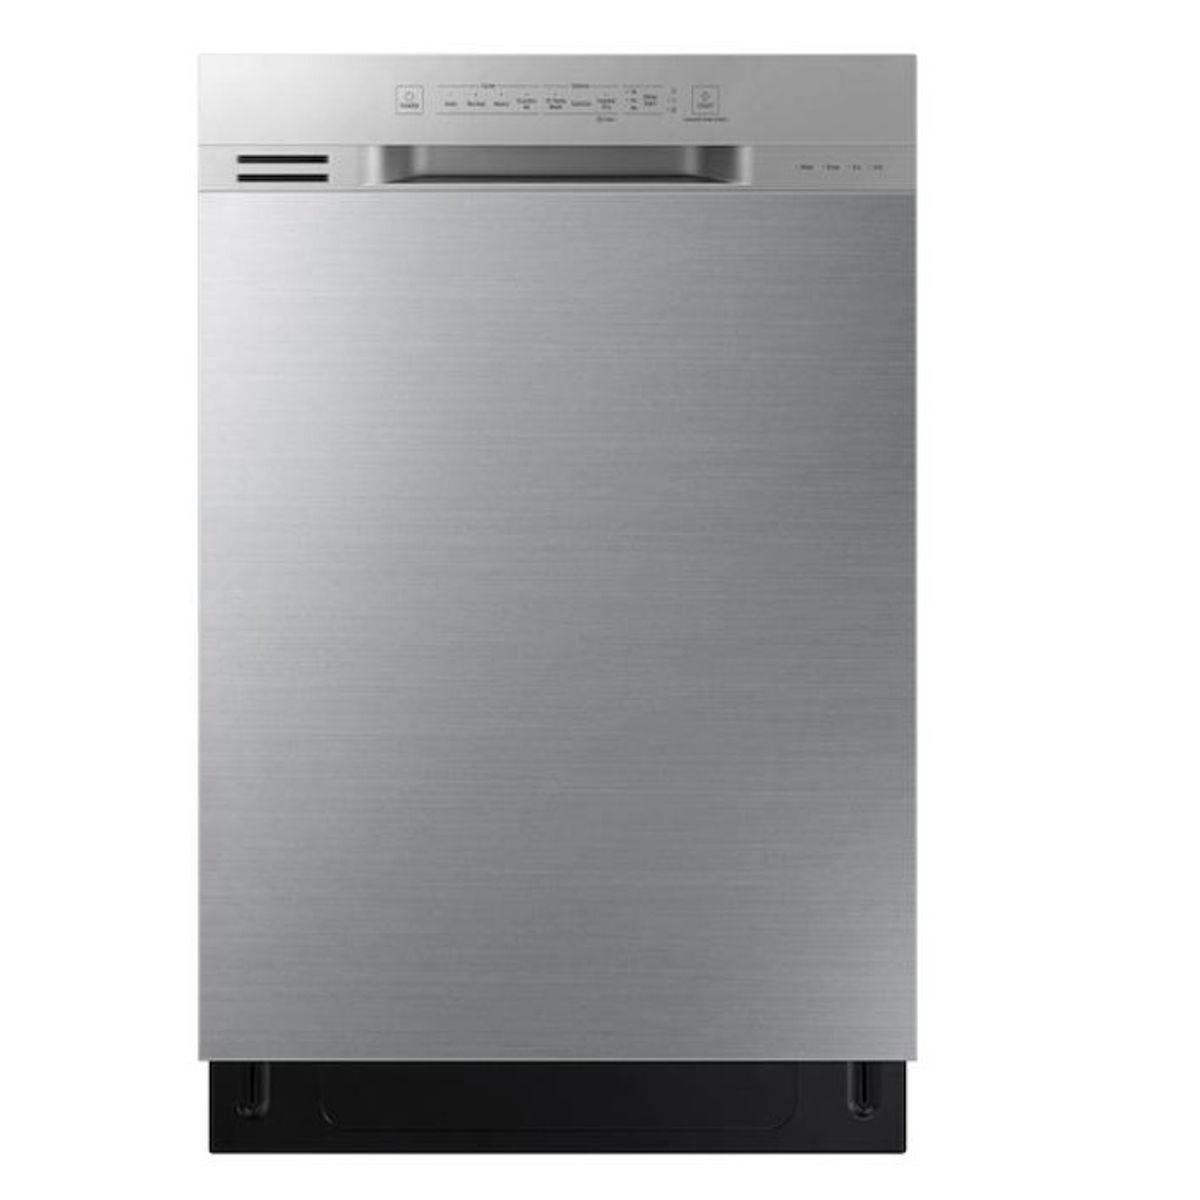 சேம்சங் DW80N3030US/AA Dishwasher